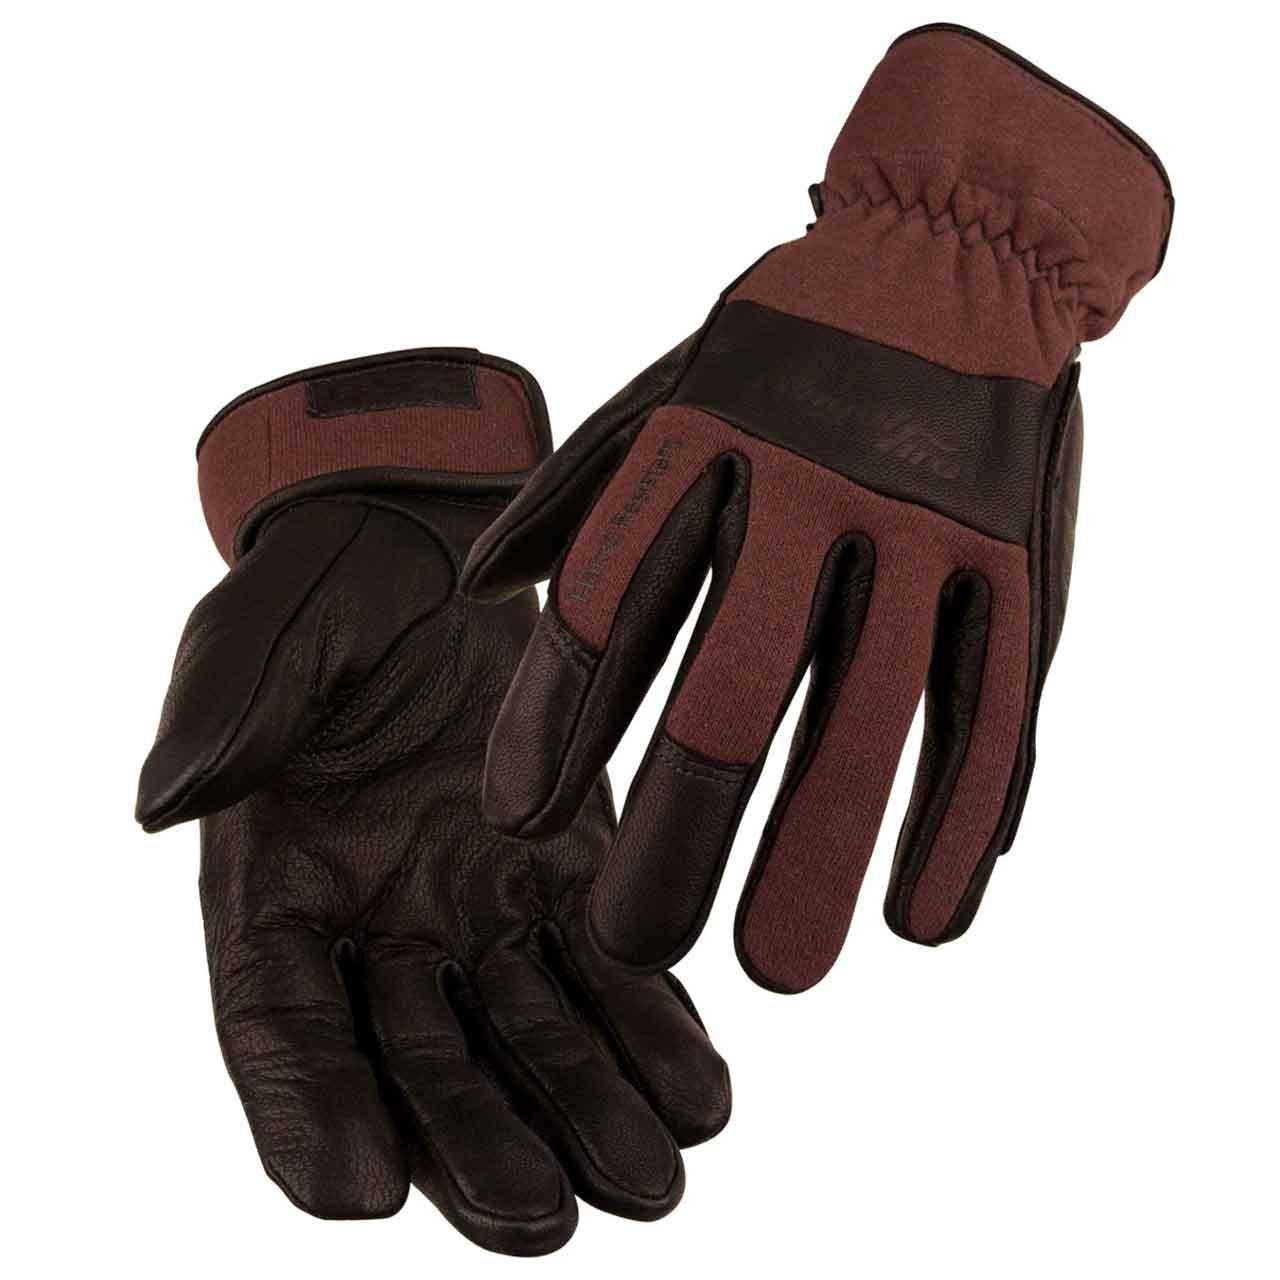 BLACK STALLION AngelFireTM Women's TIG Welding Gloves - Chocolate - MEDIUM by BSX Gear